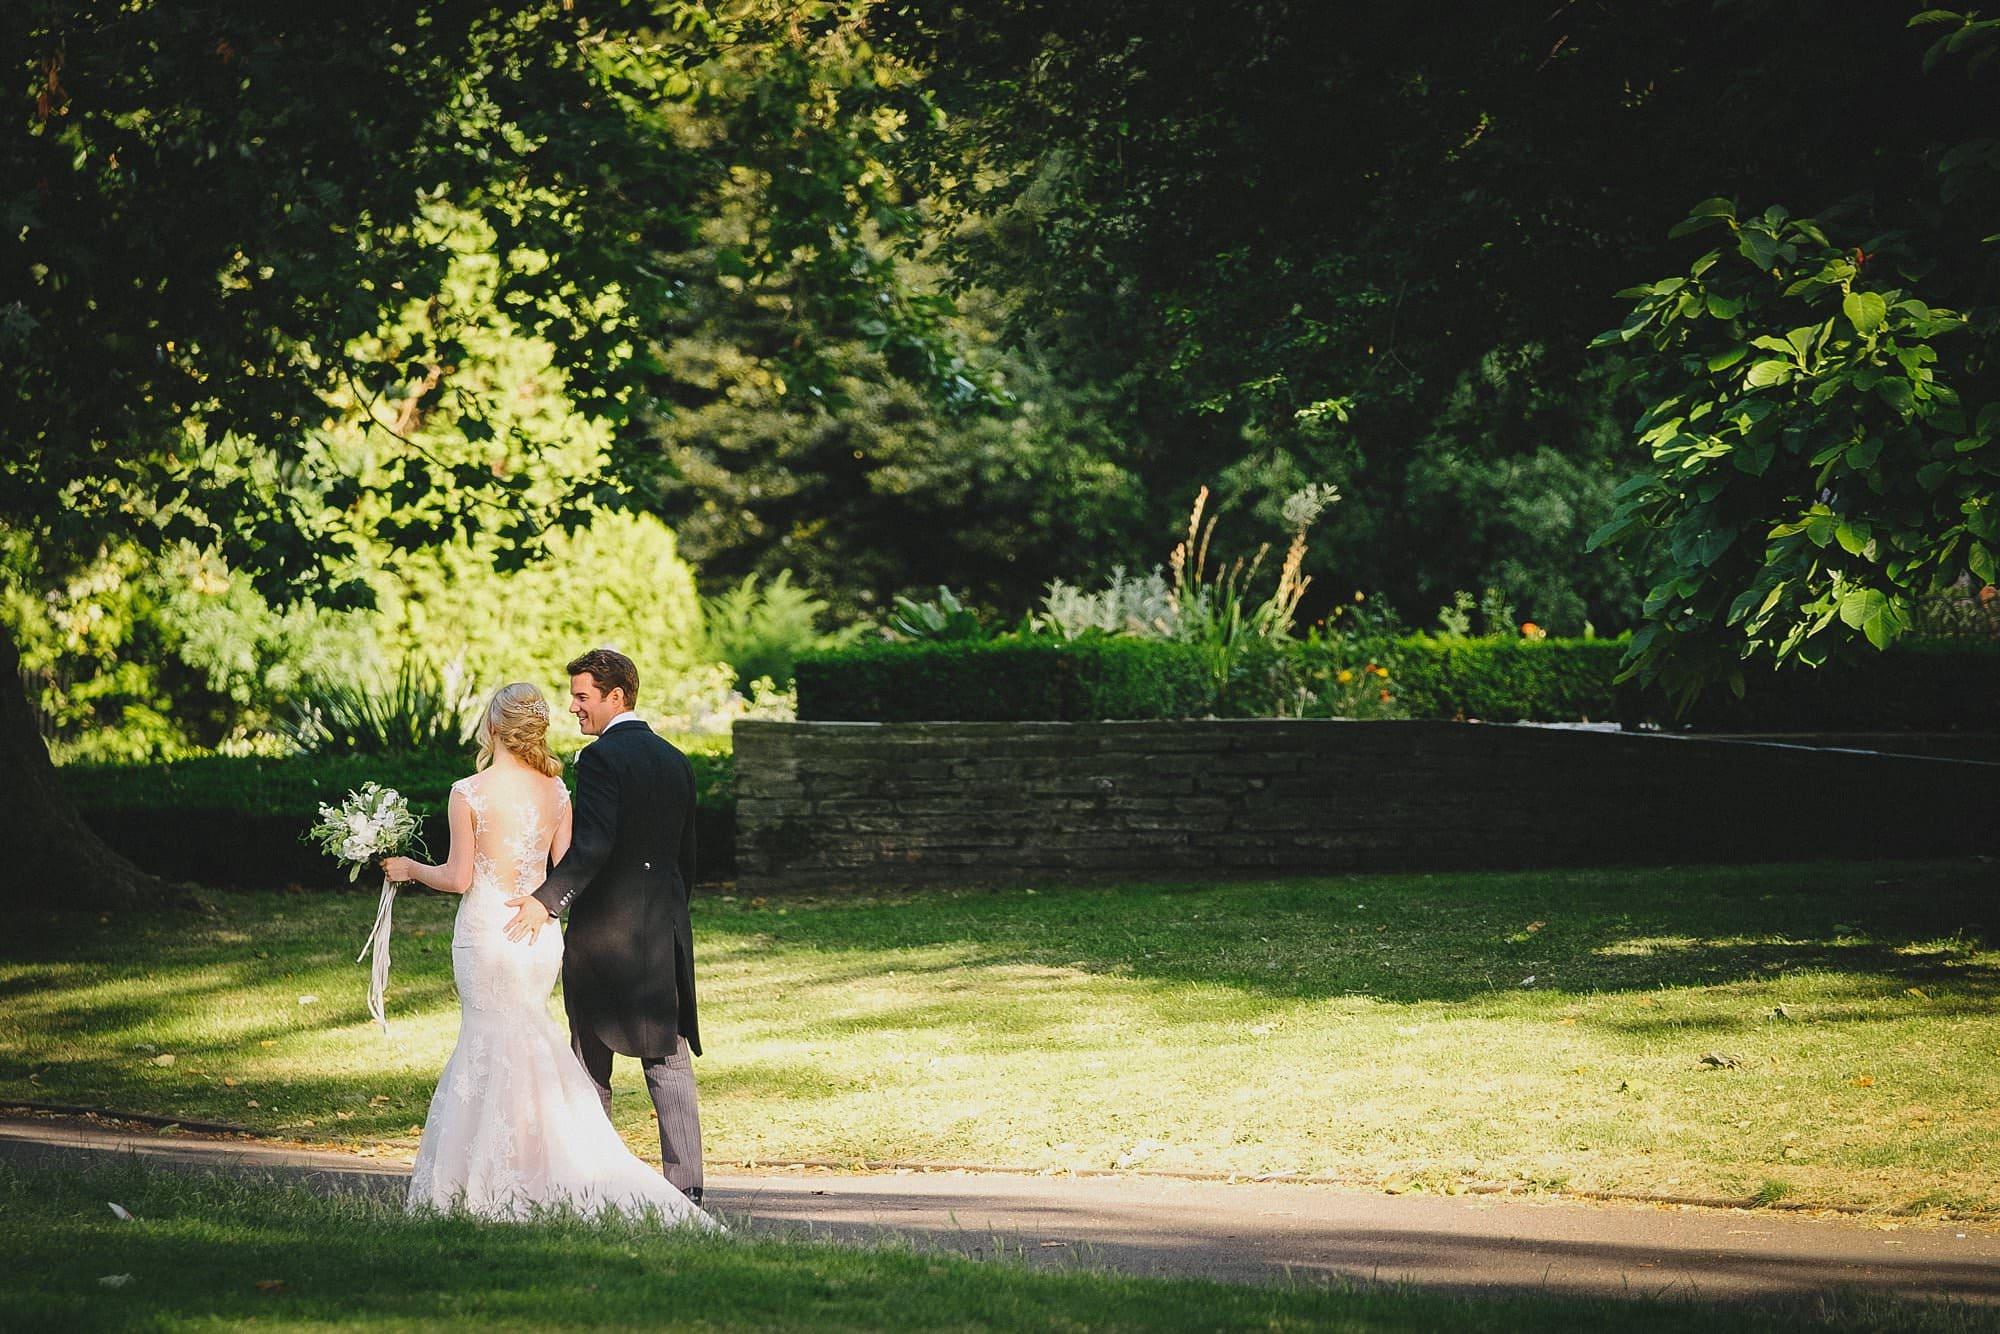 fulham palace wedding photographer 045 - Rosanna & Duncan's Fulham Palace Wedding